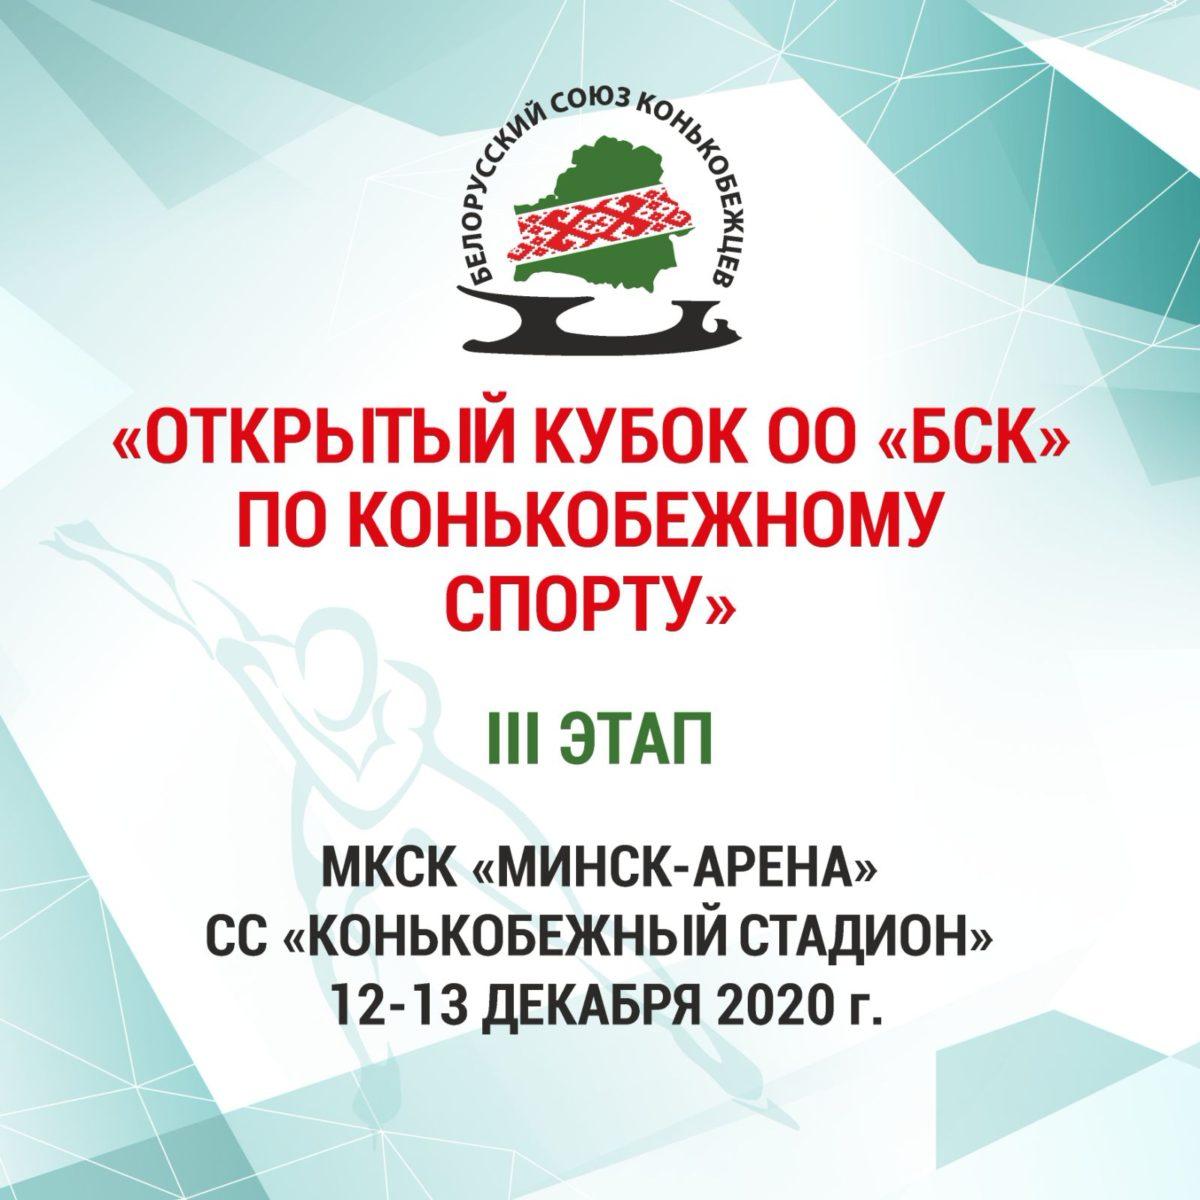 Открытый Кубок ОО «БСК» по конькобежному спорту (III этап)